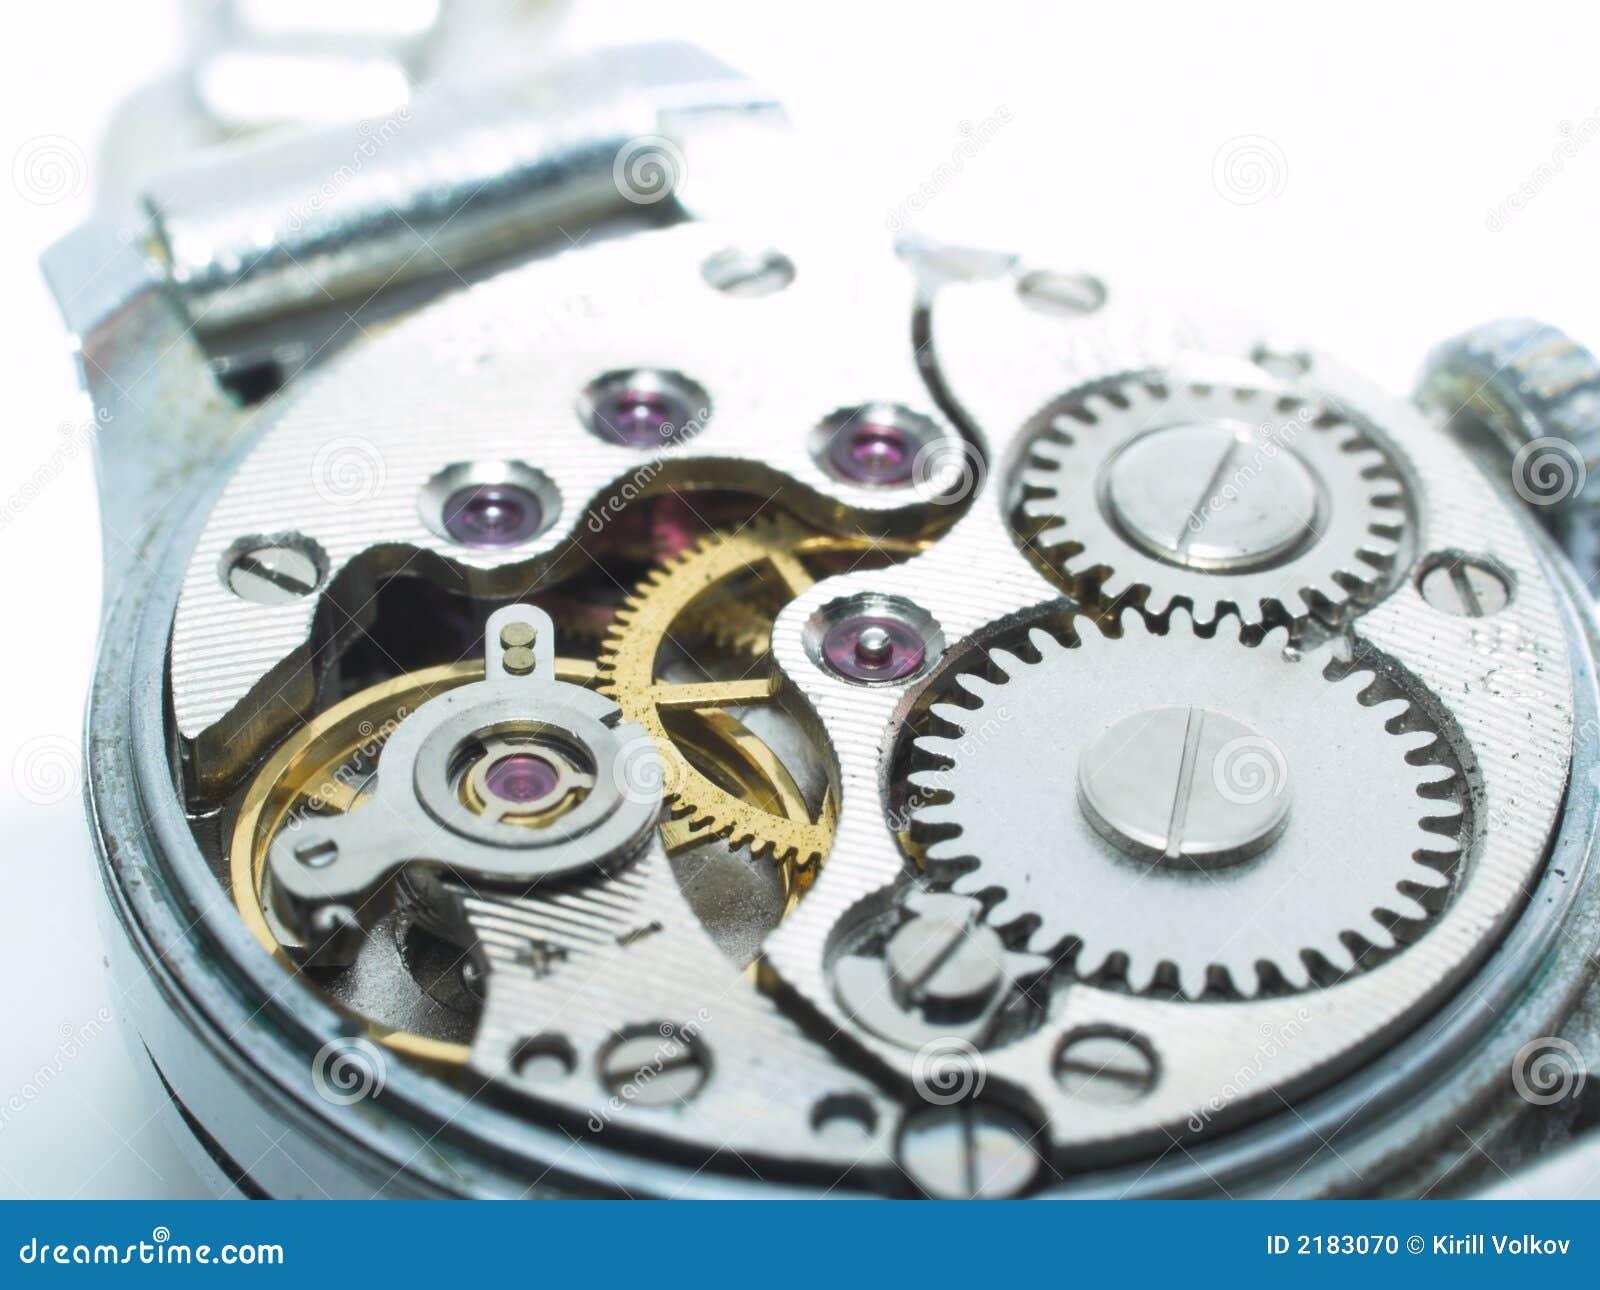 Primer del mecanismo del reloj foto de archivo imagen - Mecanismos de reloj de pared ...